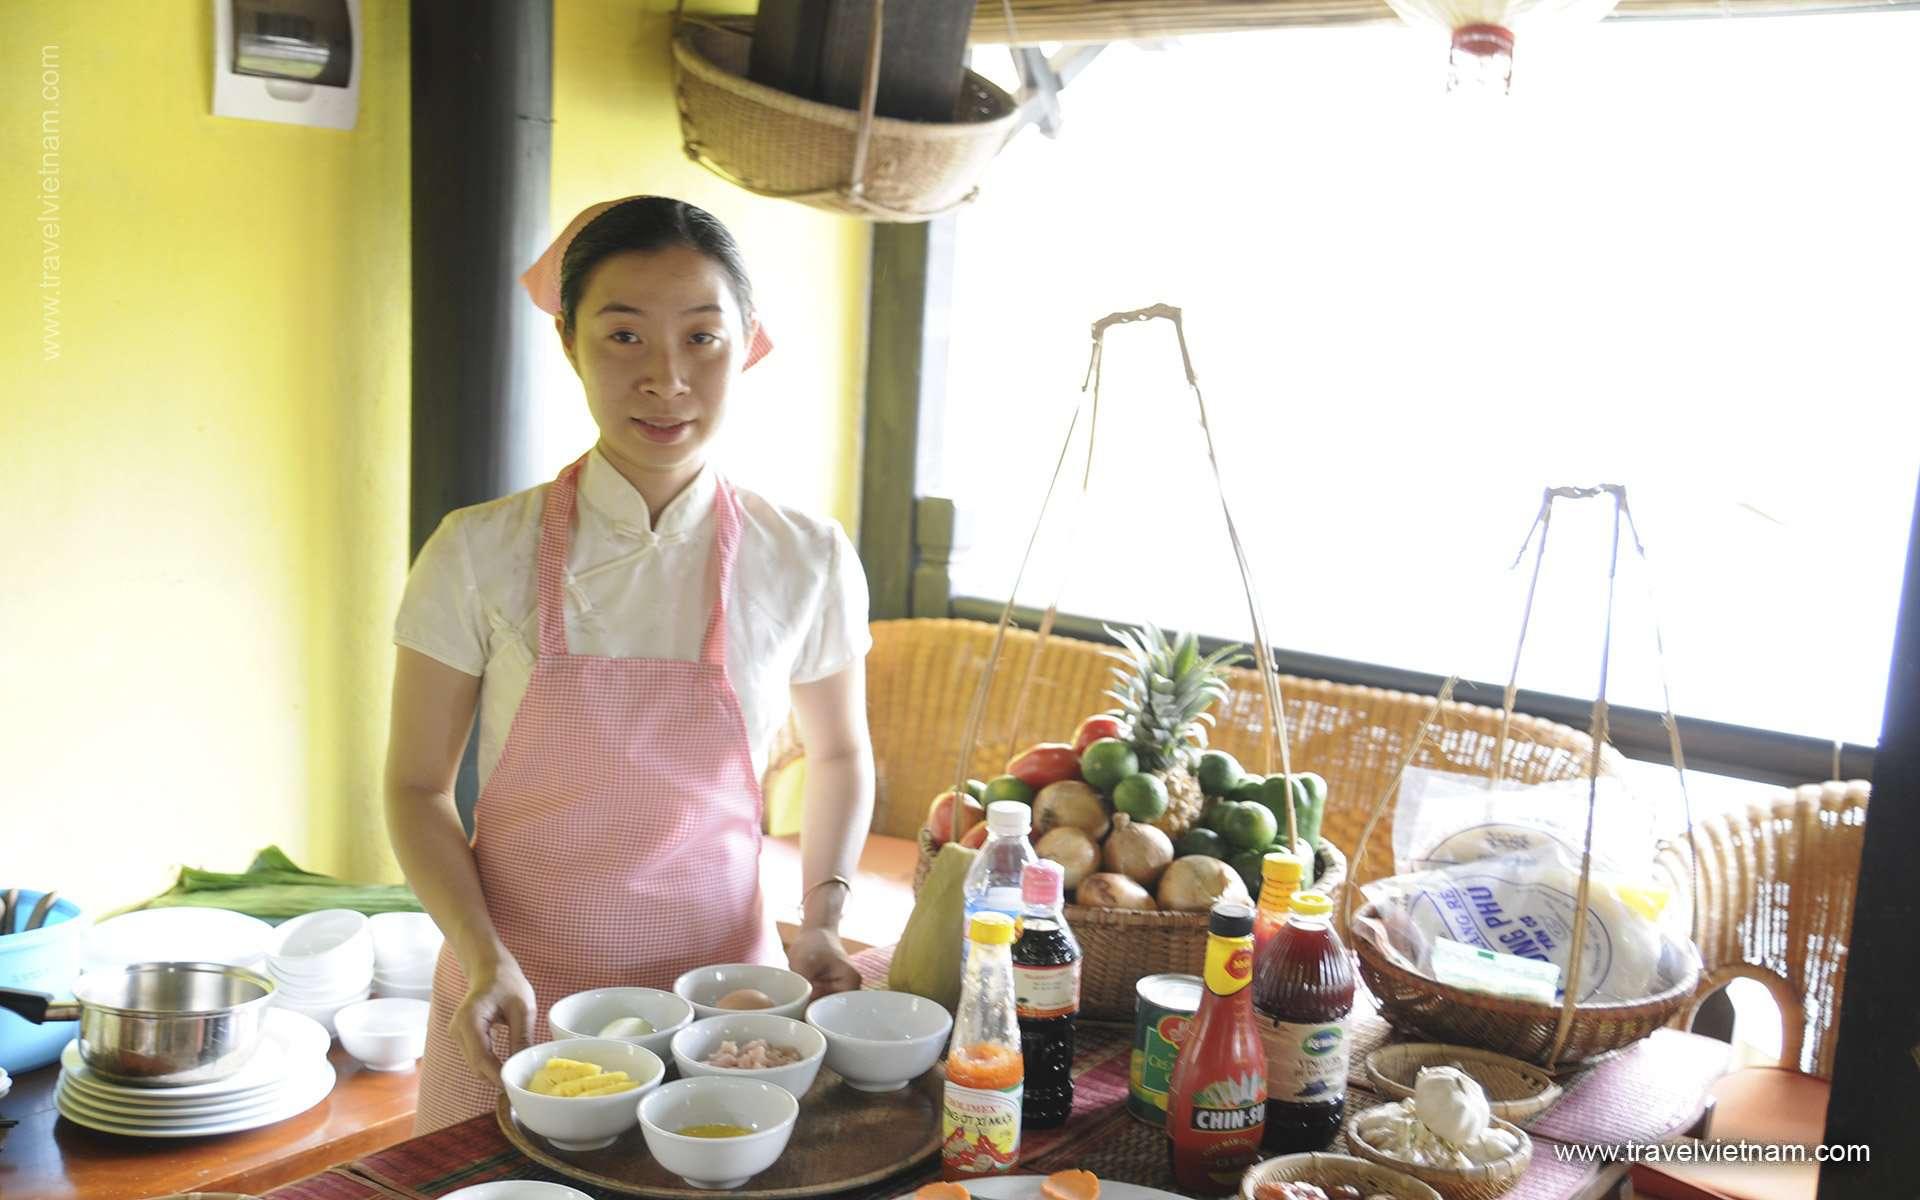 Taste of Vietnam - 11 Days